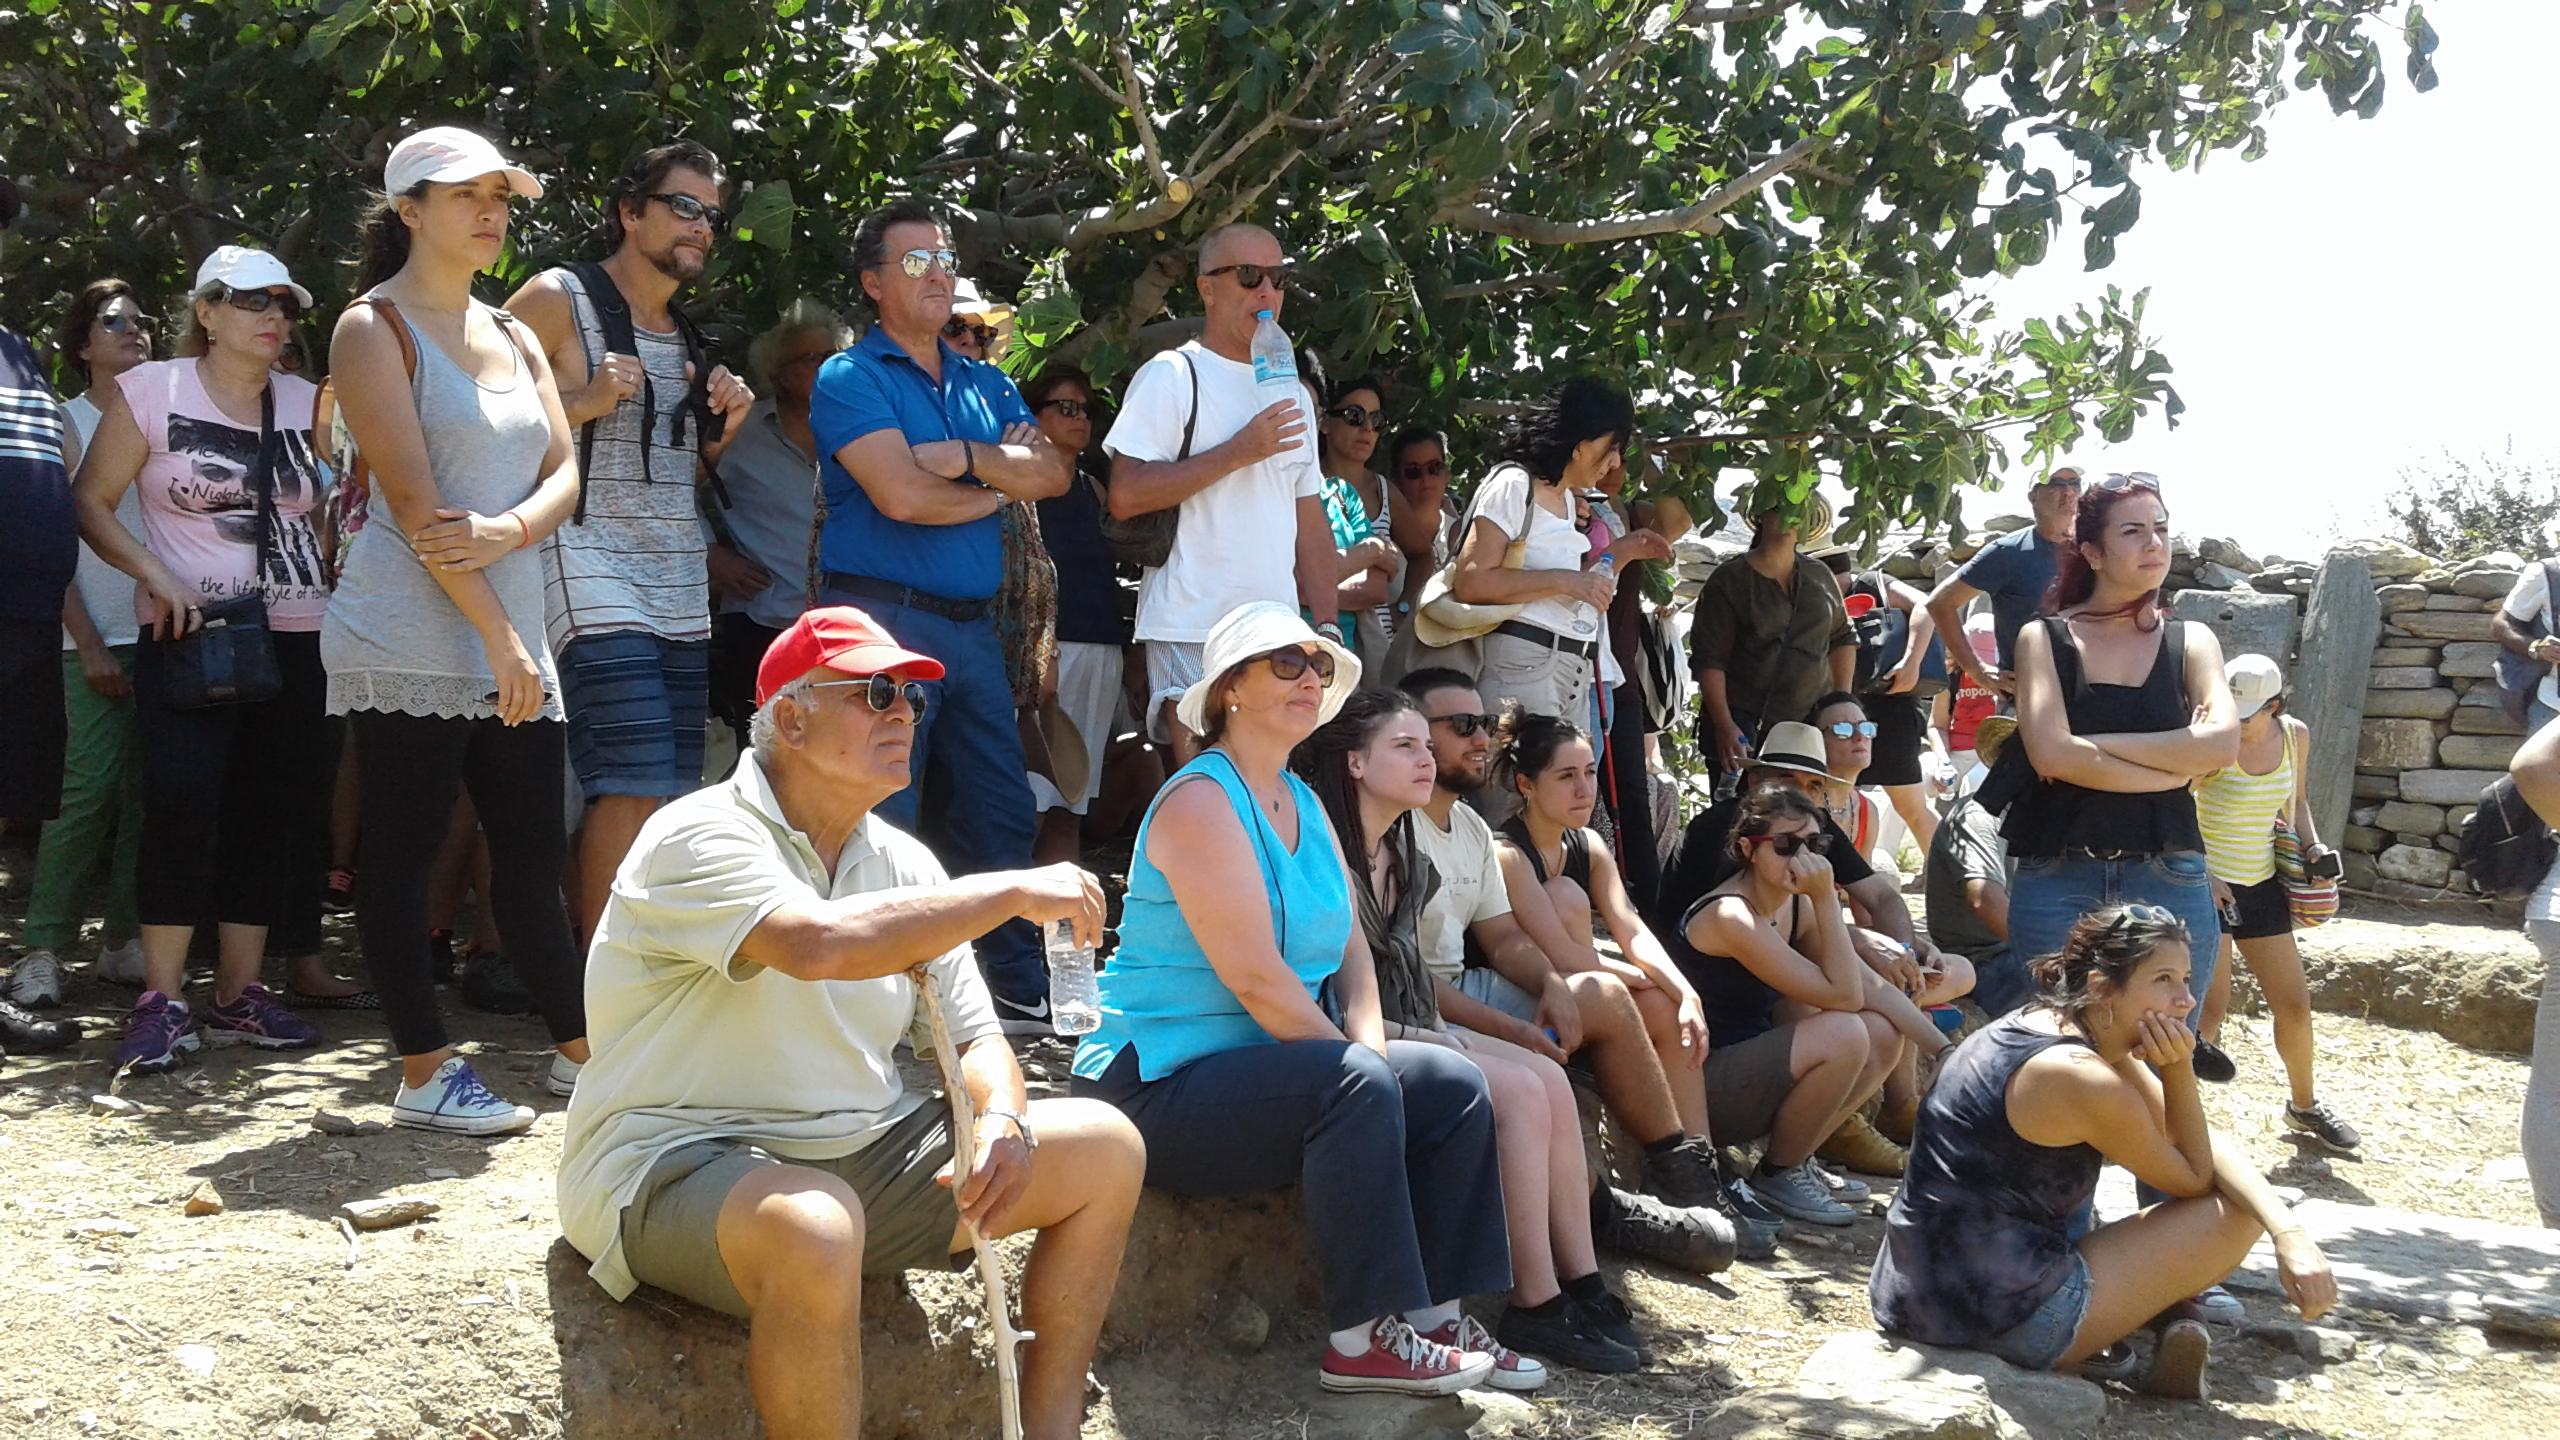 Έκθεση 2017, ξενάγηση στον αρχαιολογικό  χώρο, 05.08.2017